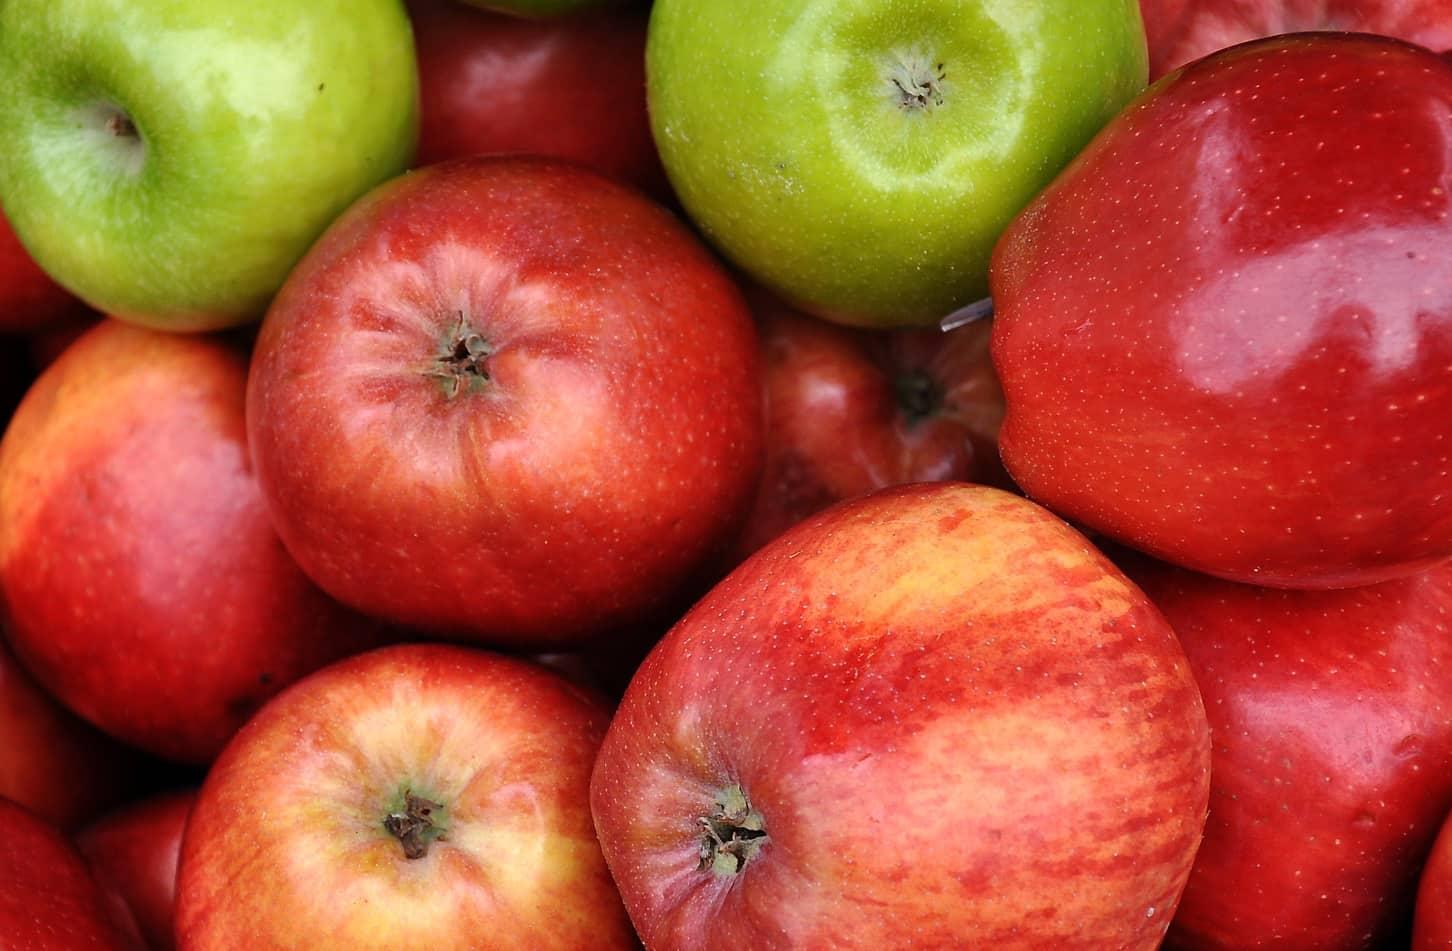 rode appels en twee groene appels